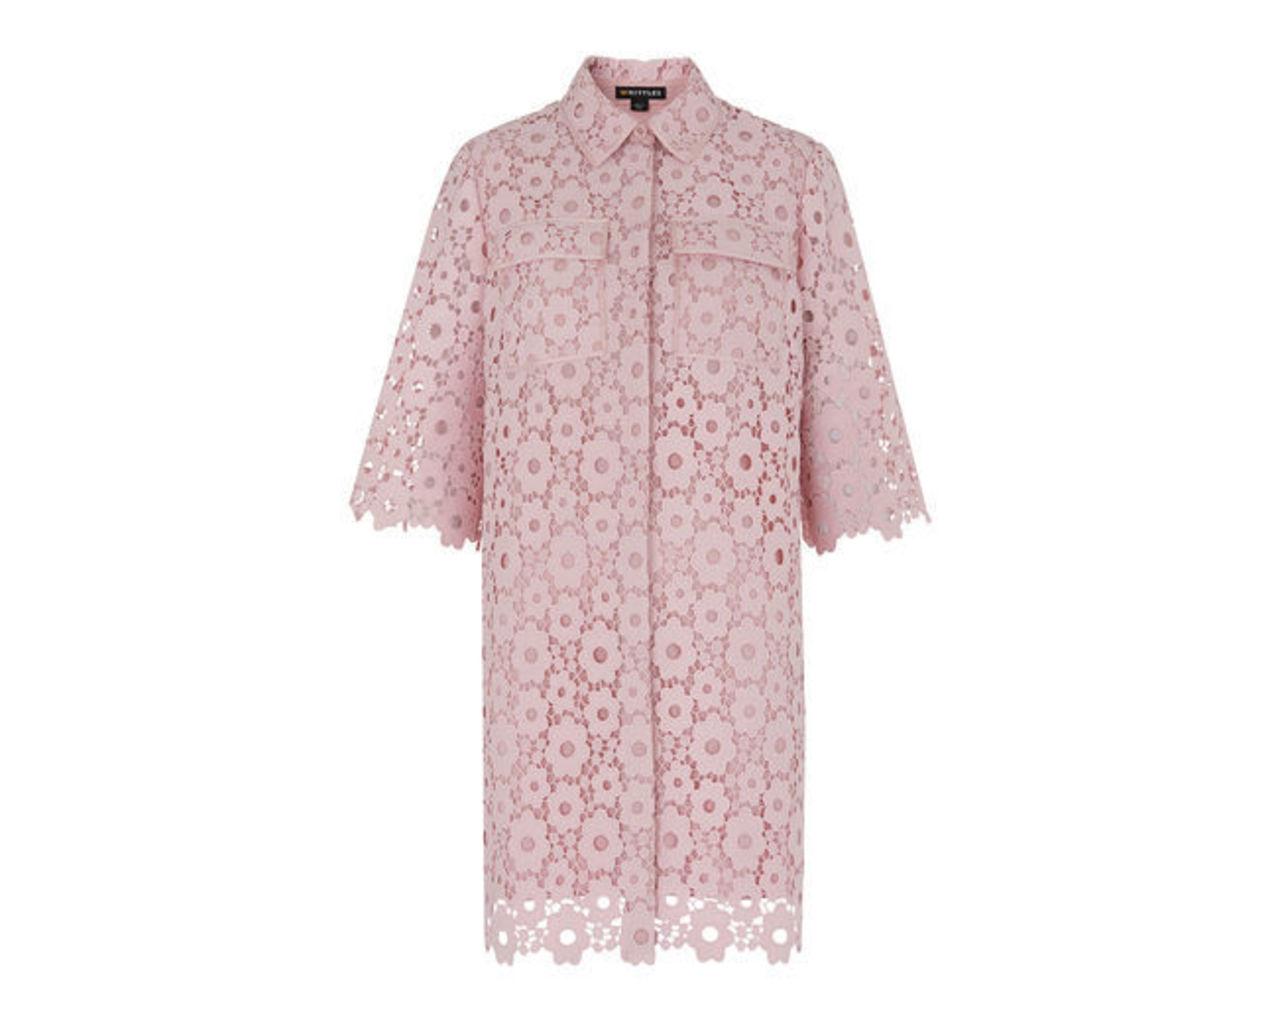 Lia Daisy Lace Dress